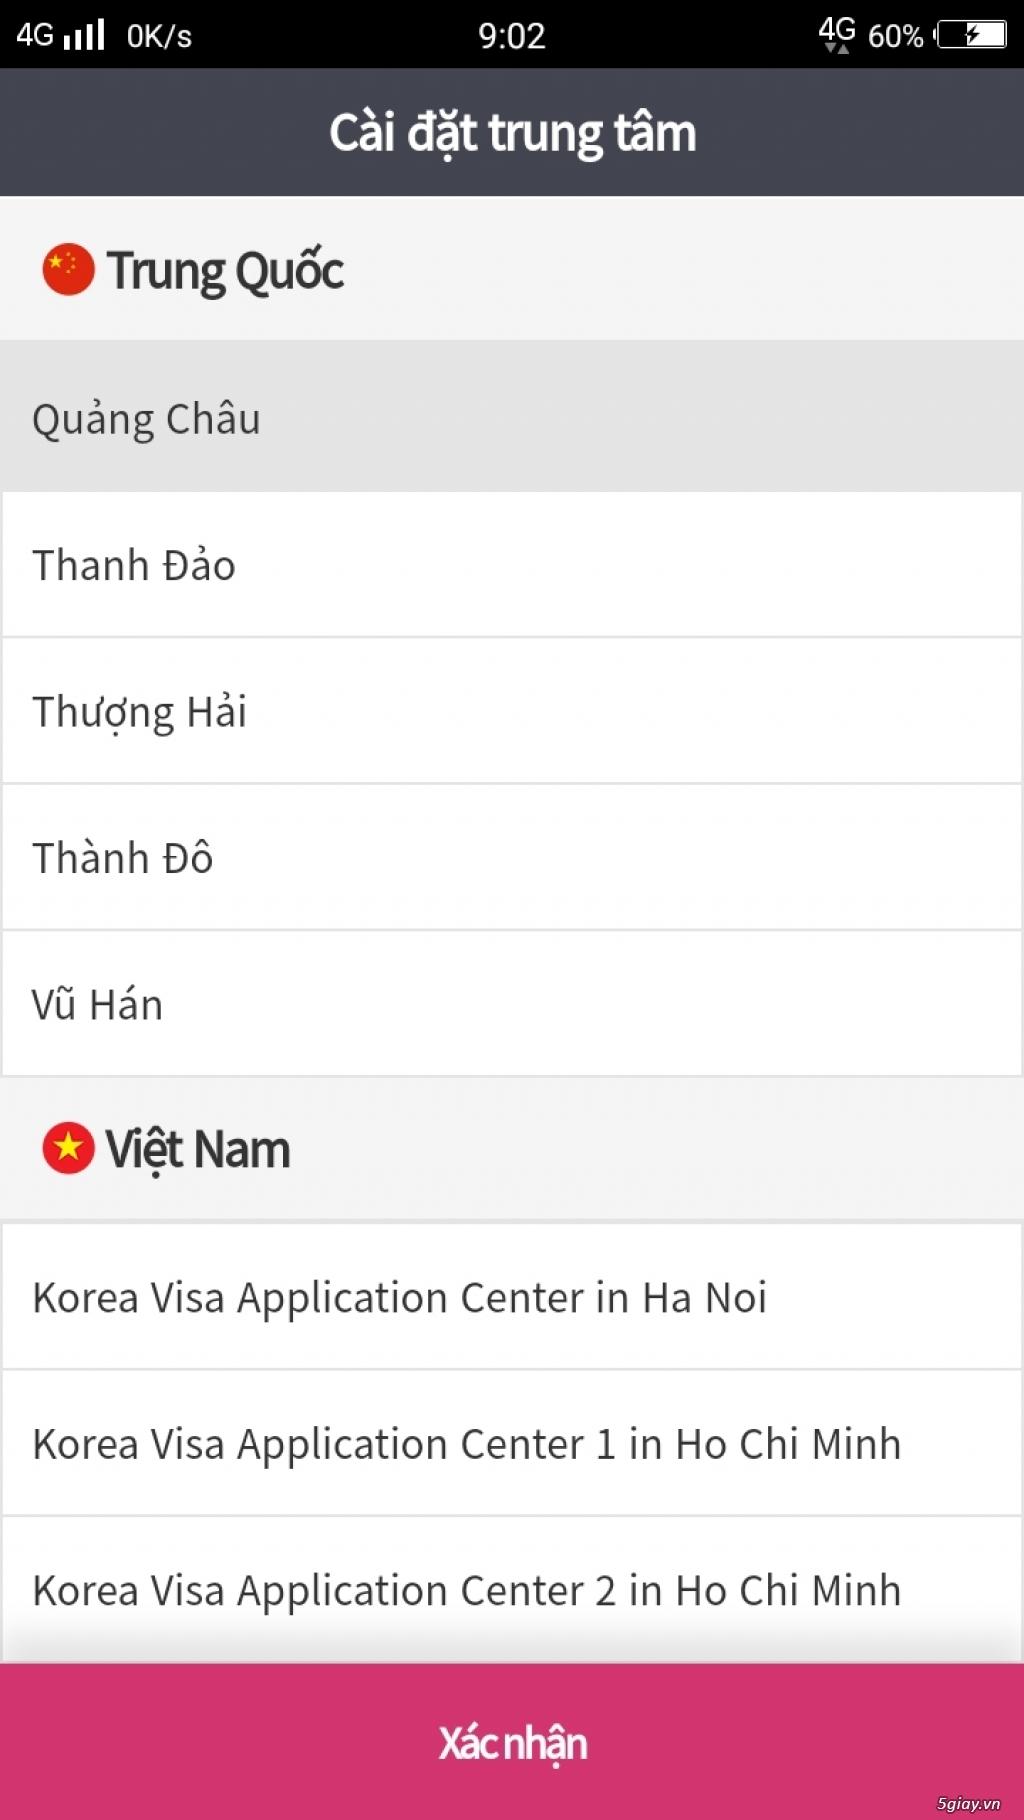 Kim Nhật nhận đặt lịch hẹn nộp xin visa Hàn Quốc